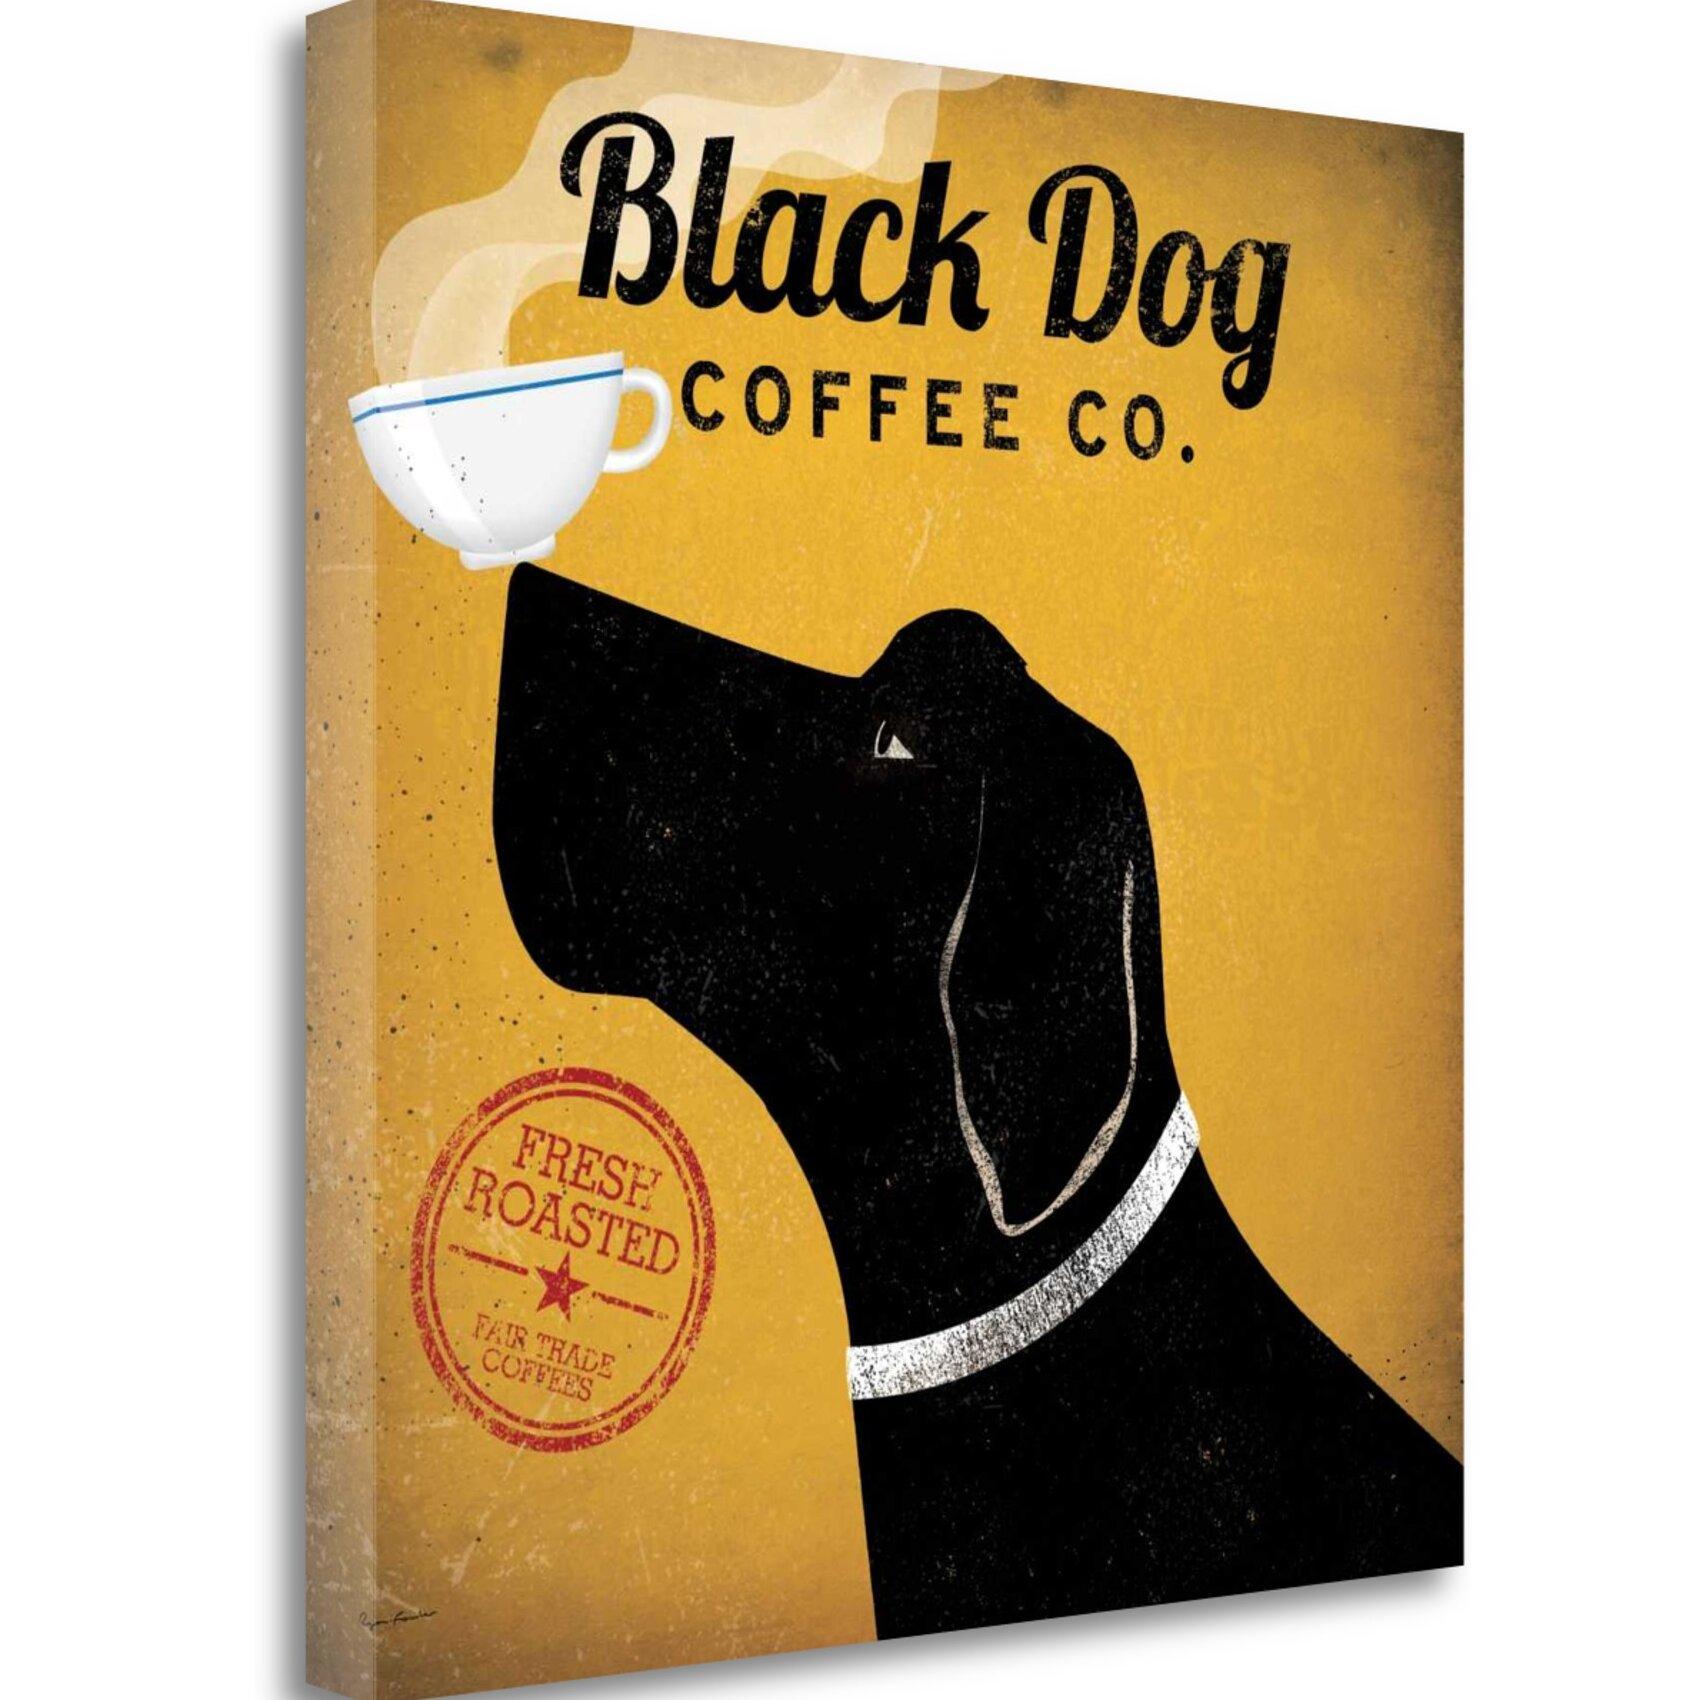 03a1a6c6cea Black Dog Café Co  Vintage anúncio Em Lona enrolada